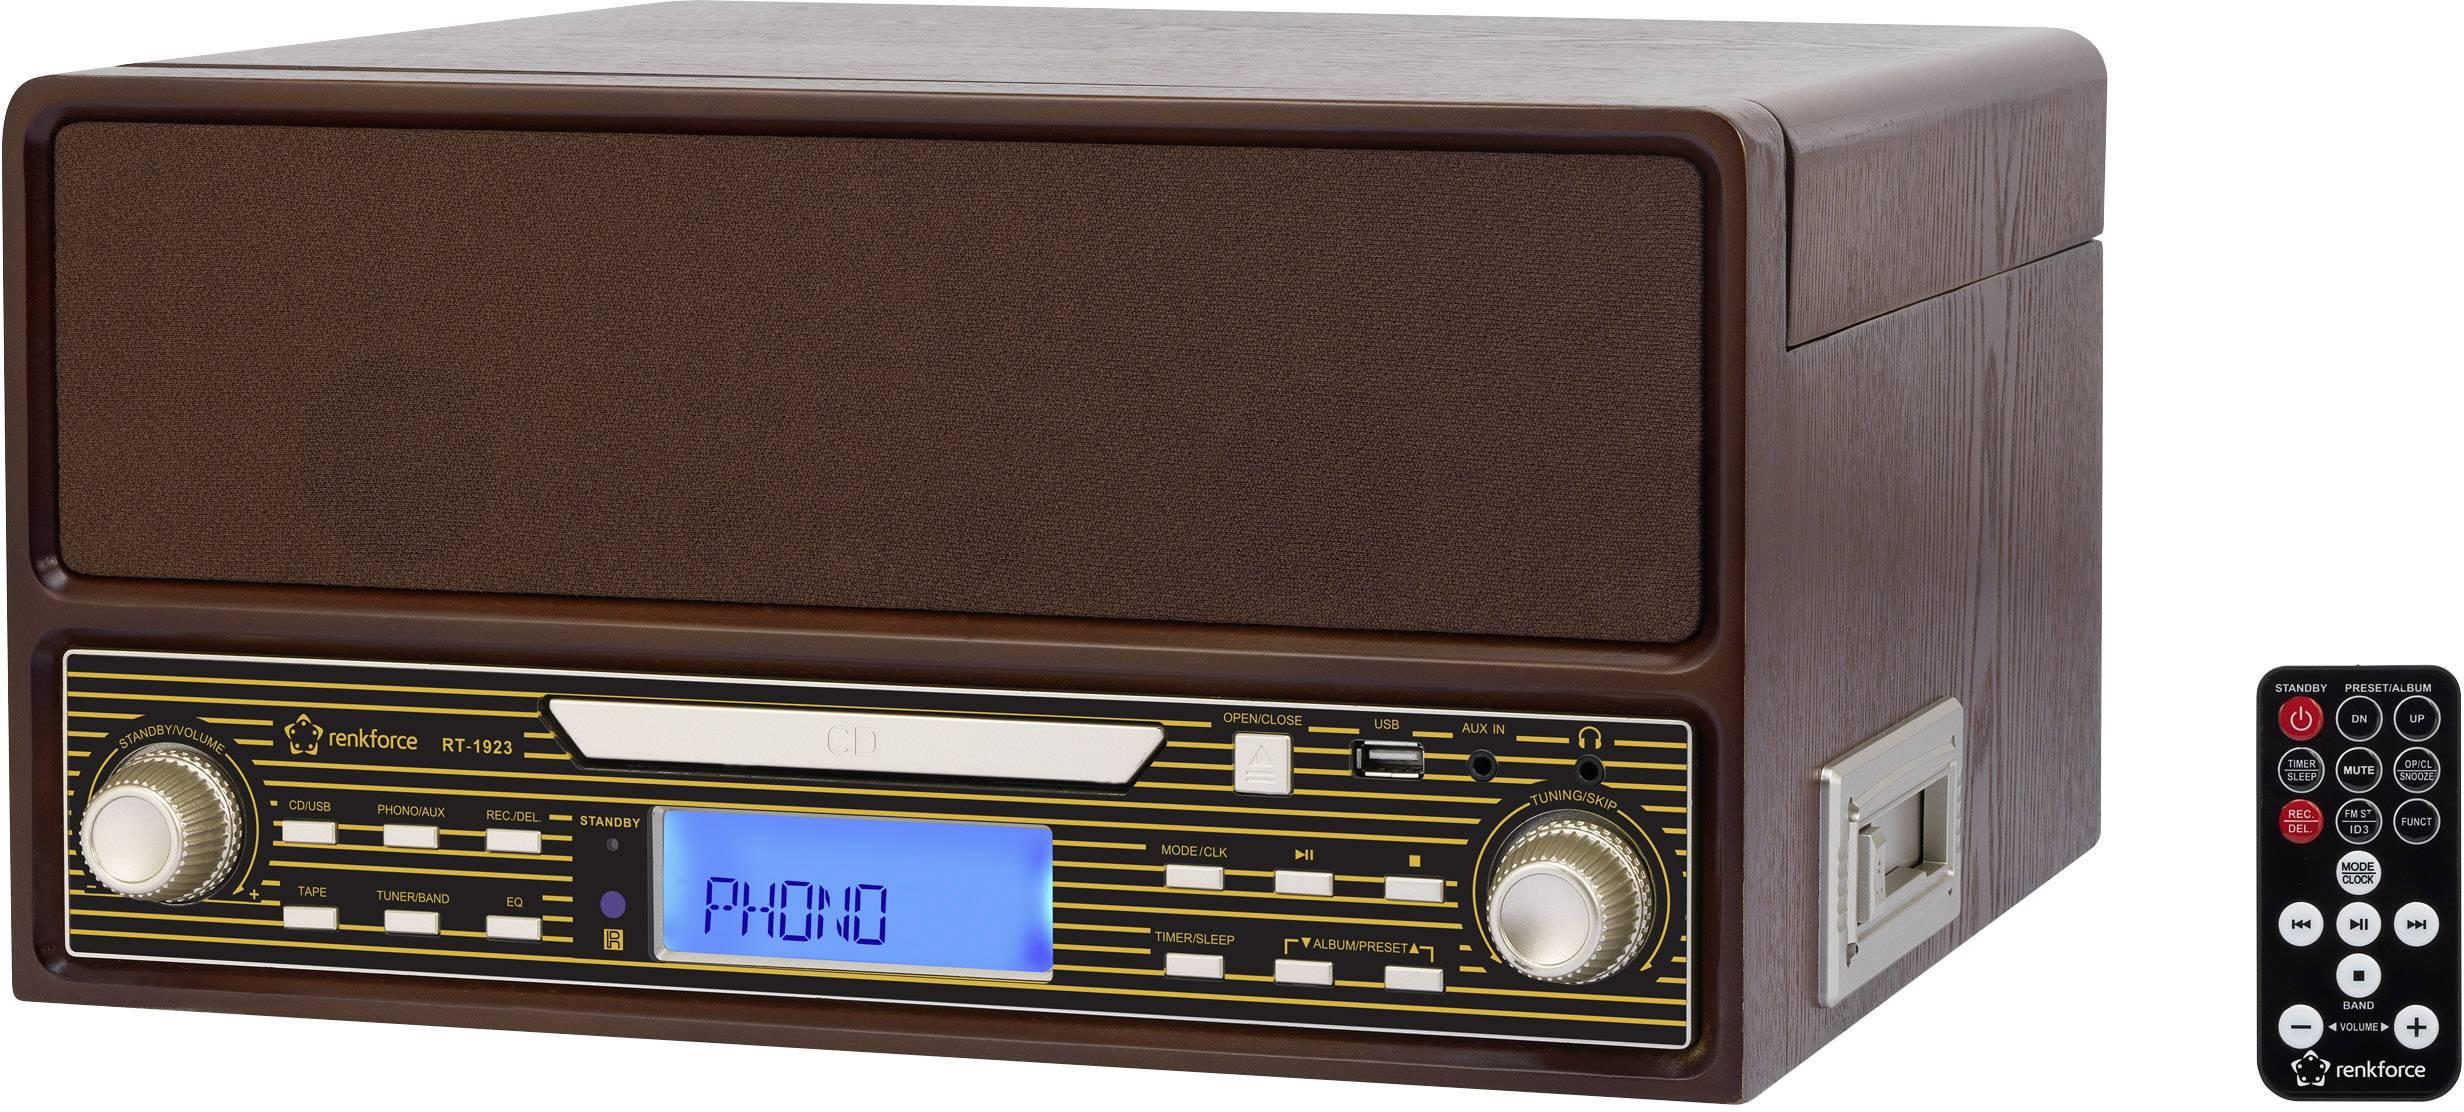 Retro USB gramofon s rádiem, přehrávačem kazet, CD/MP3 Renkforce RT-1923 s dálk. ovladačem, dřevo